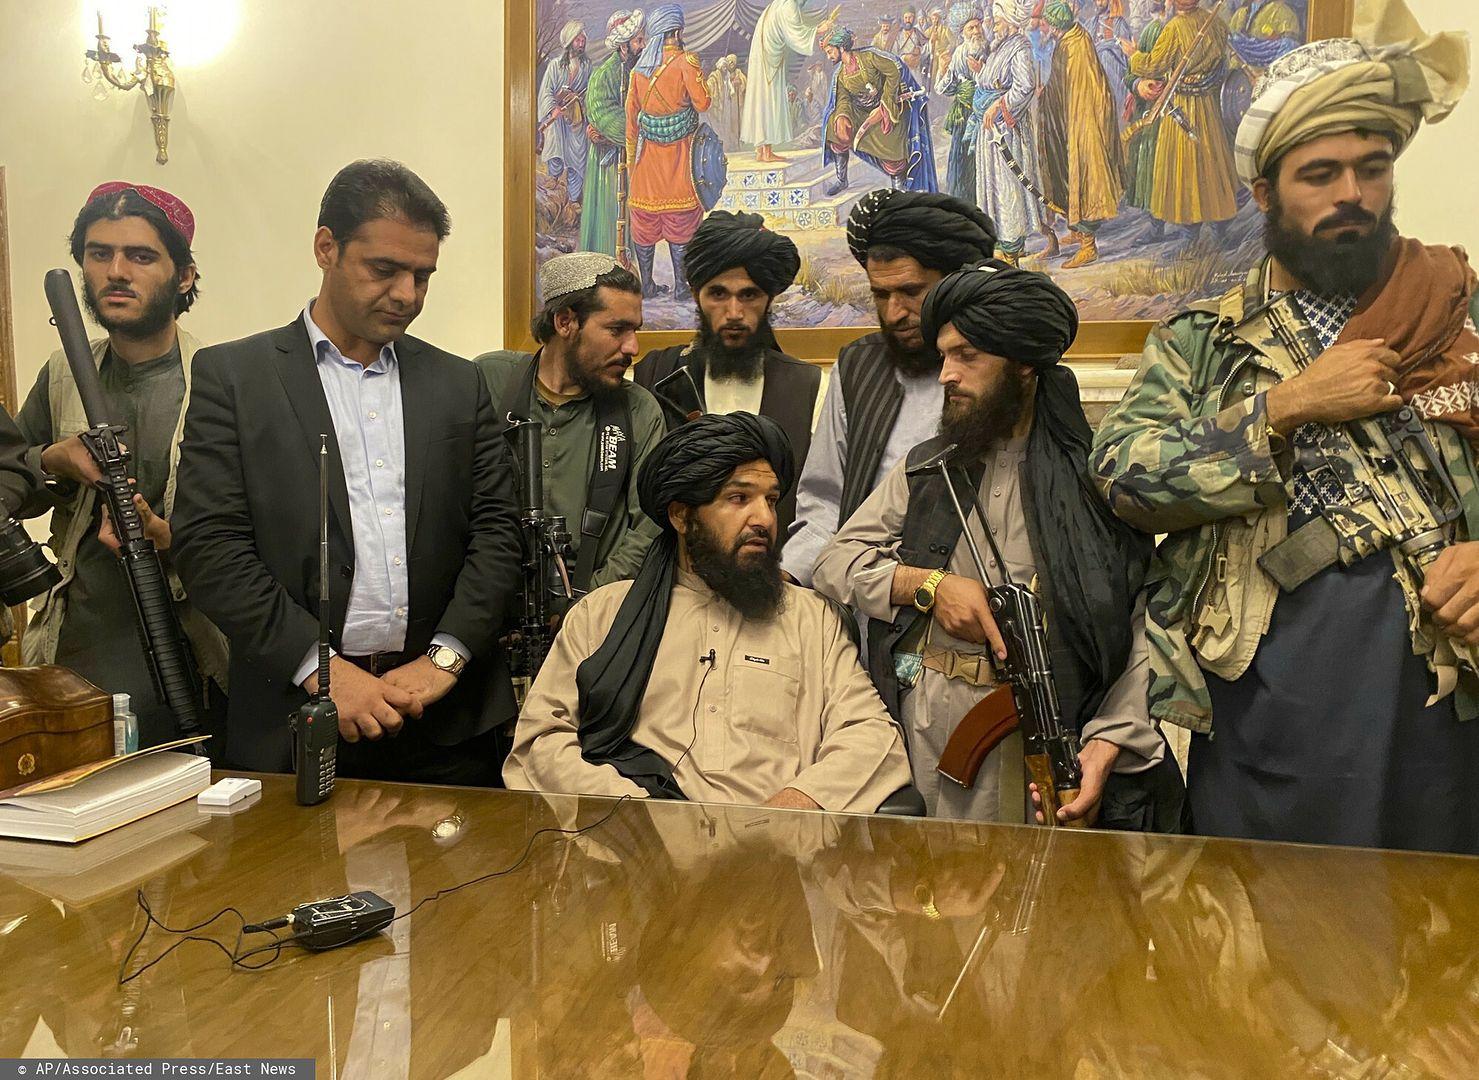 Talibowie wkroczyli do Kabulu (AP Photo/Zabi Karimi)